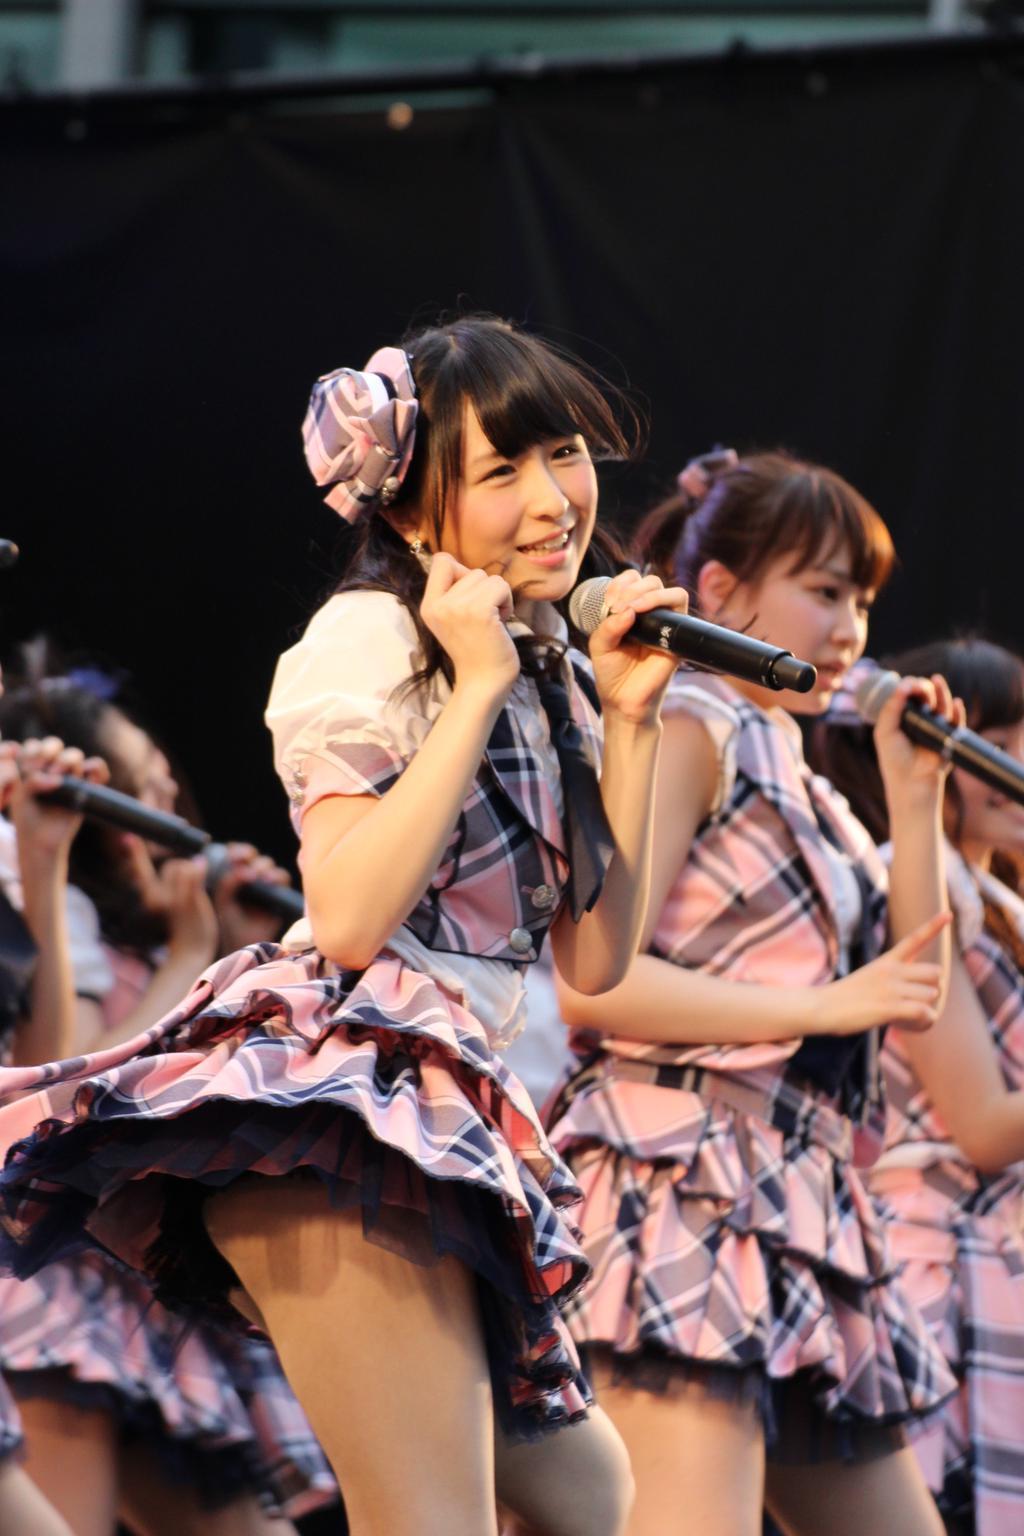 ステージでパンチラした川本紗矢のお尻